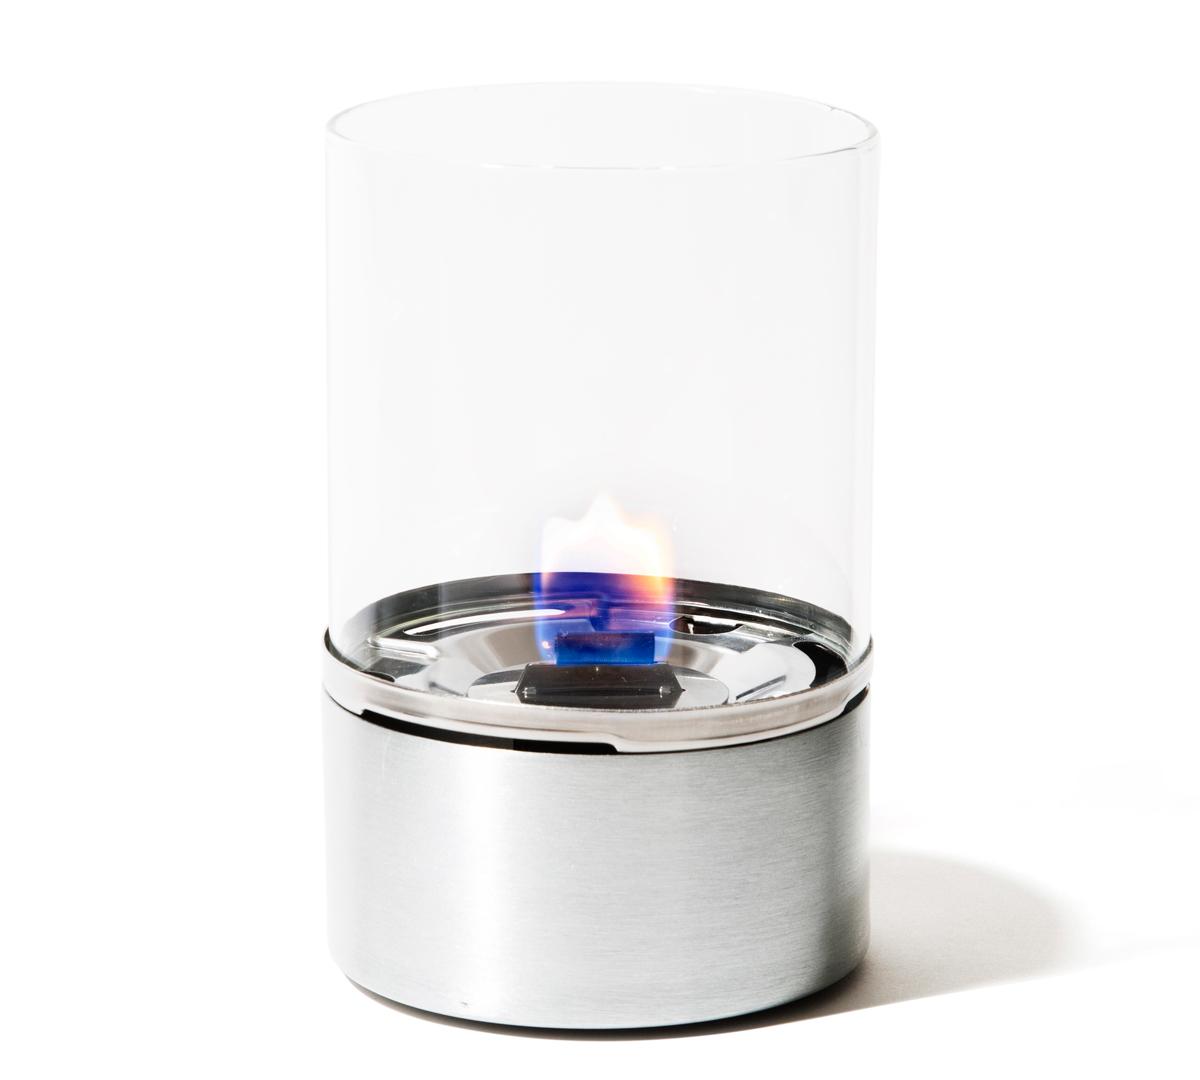 ライターと専用燃料「バイオユニフューエル」だけでシンプルで手軽に使える設計の「オイルランプ」|TENDER FLAME(テンダーフレーム)